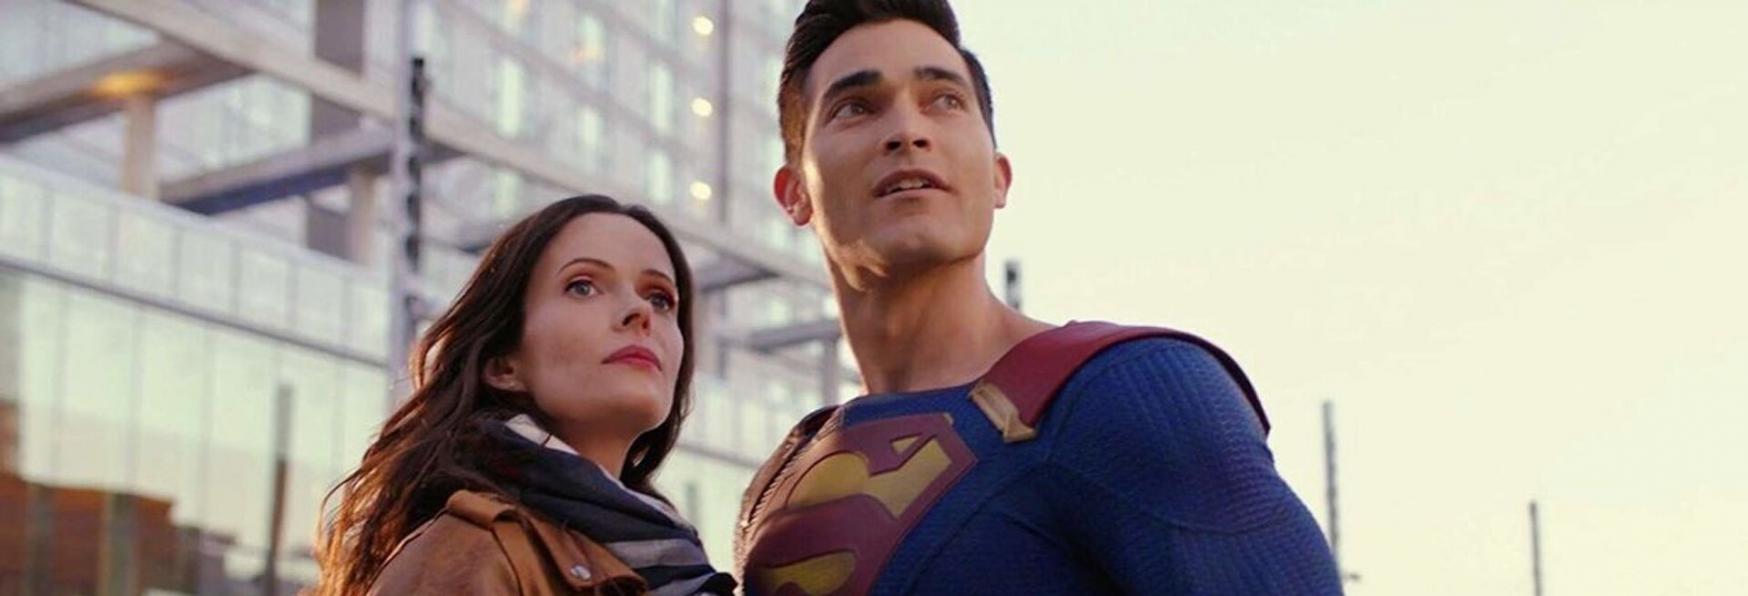 Superman & Lois: le Riprese della Serie TV potrebbero iniziare la Prossima Settimana